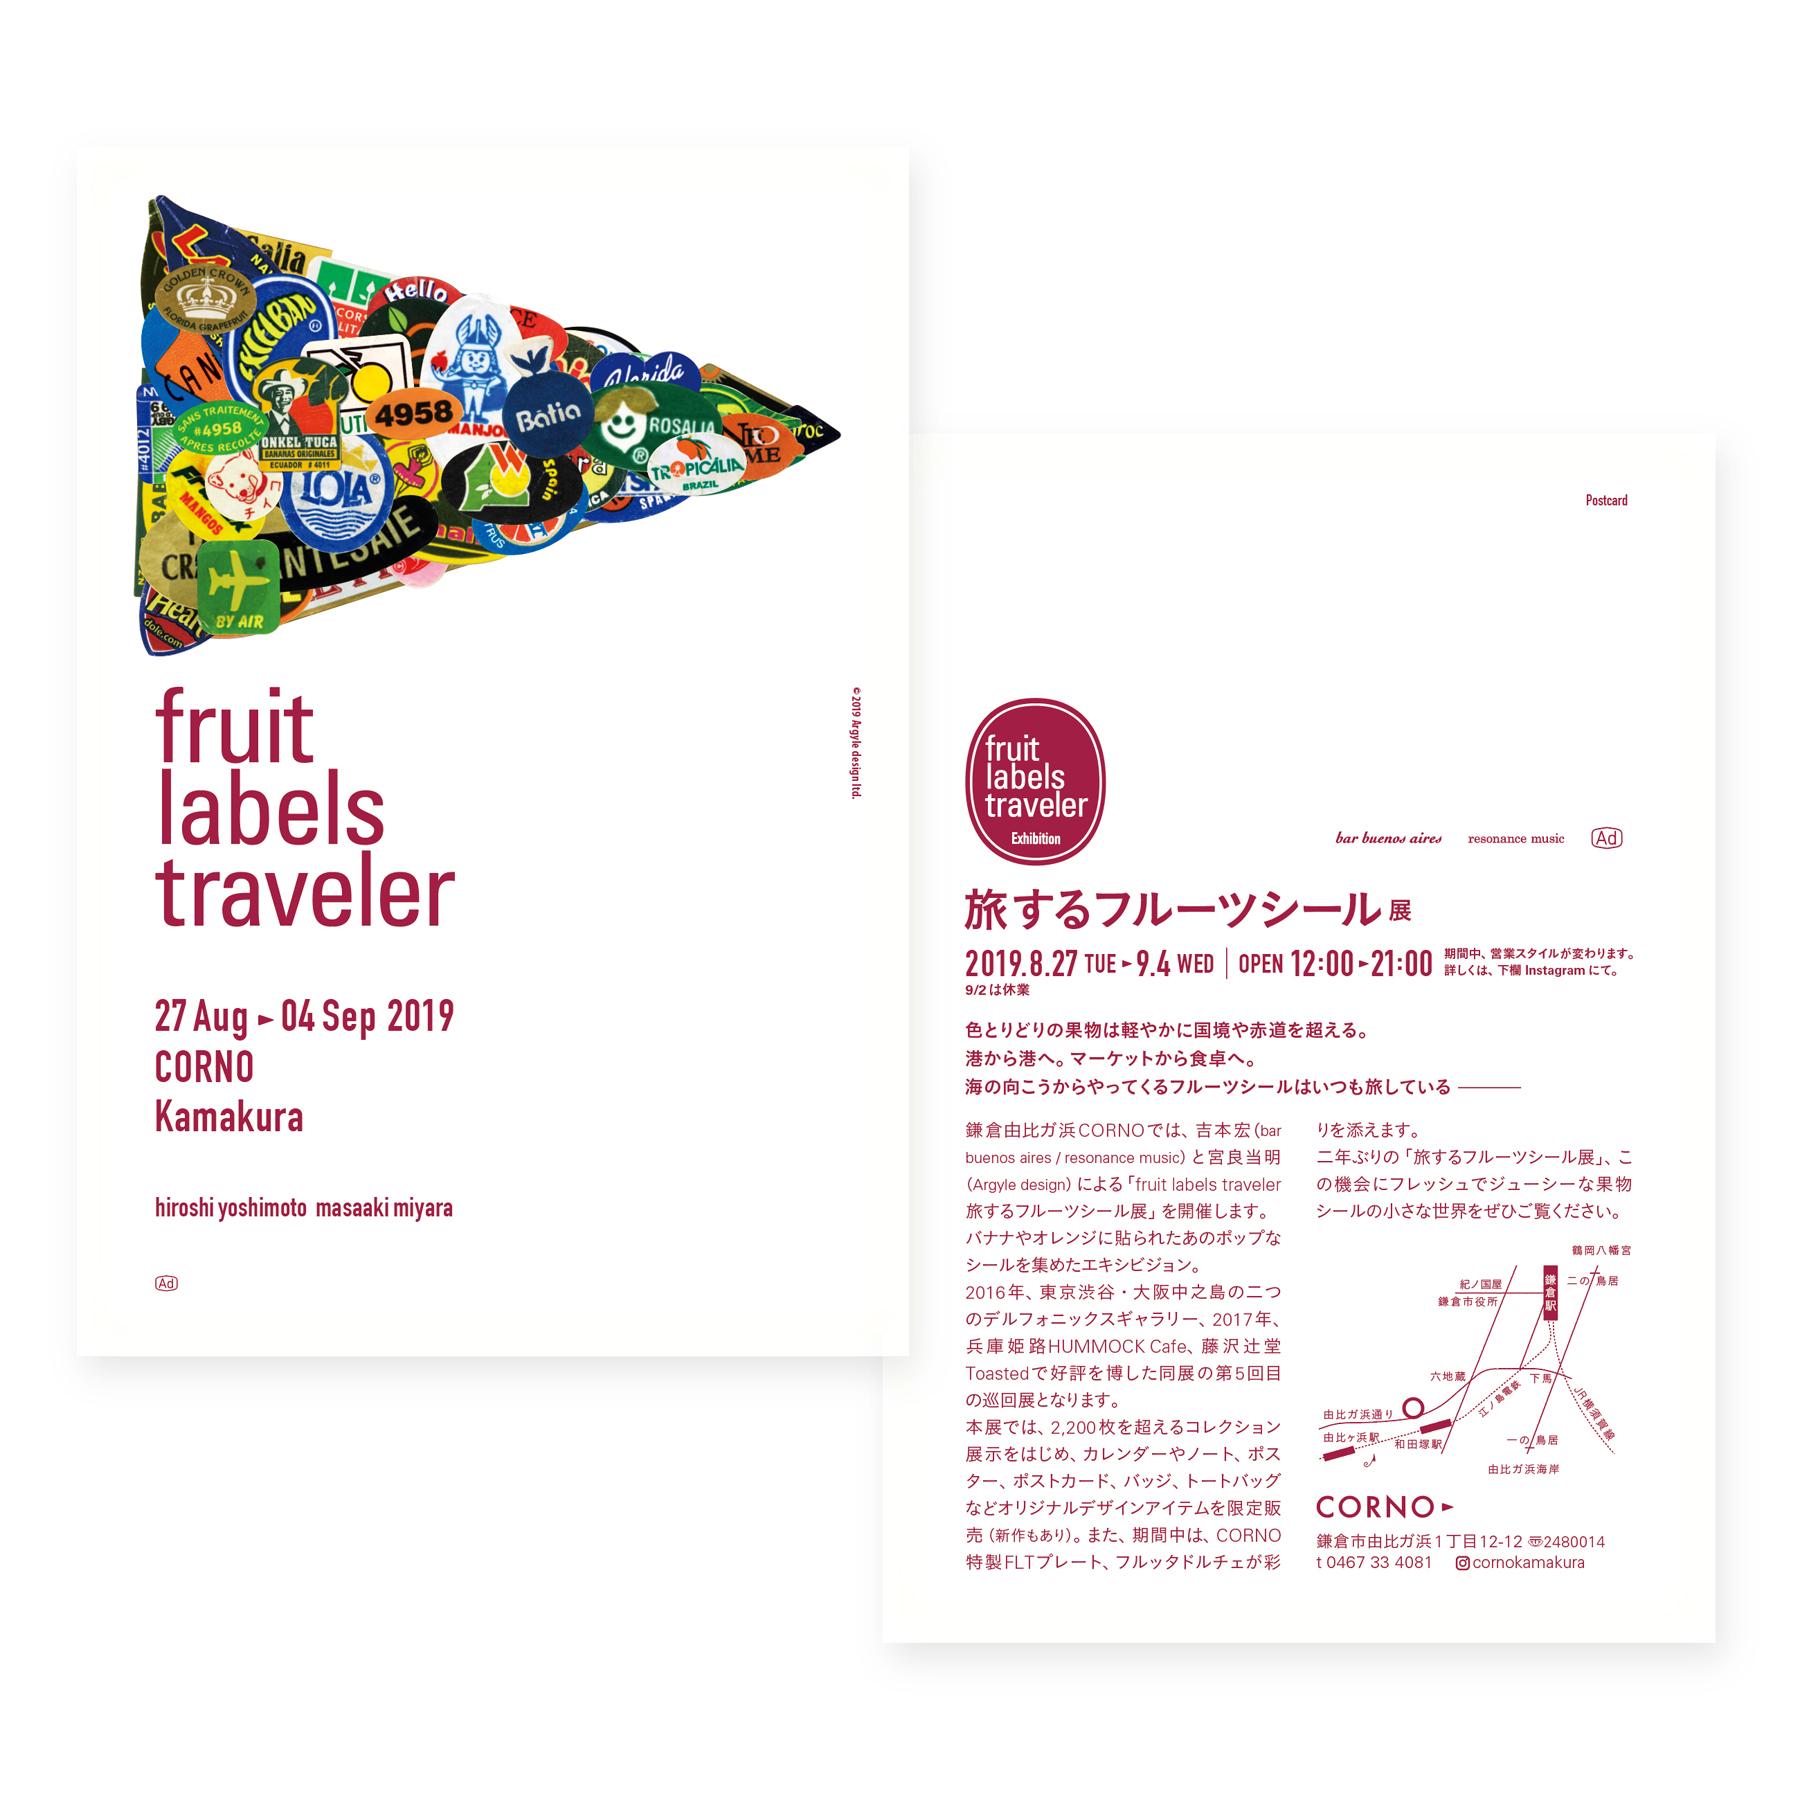 鎌倉 CORNO|第5回 Fruit Labels Traveler 旅するフルーツシール展|神奈川県鎌倉市由比ガ浜